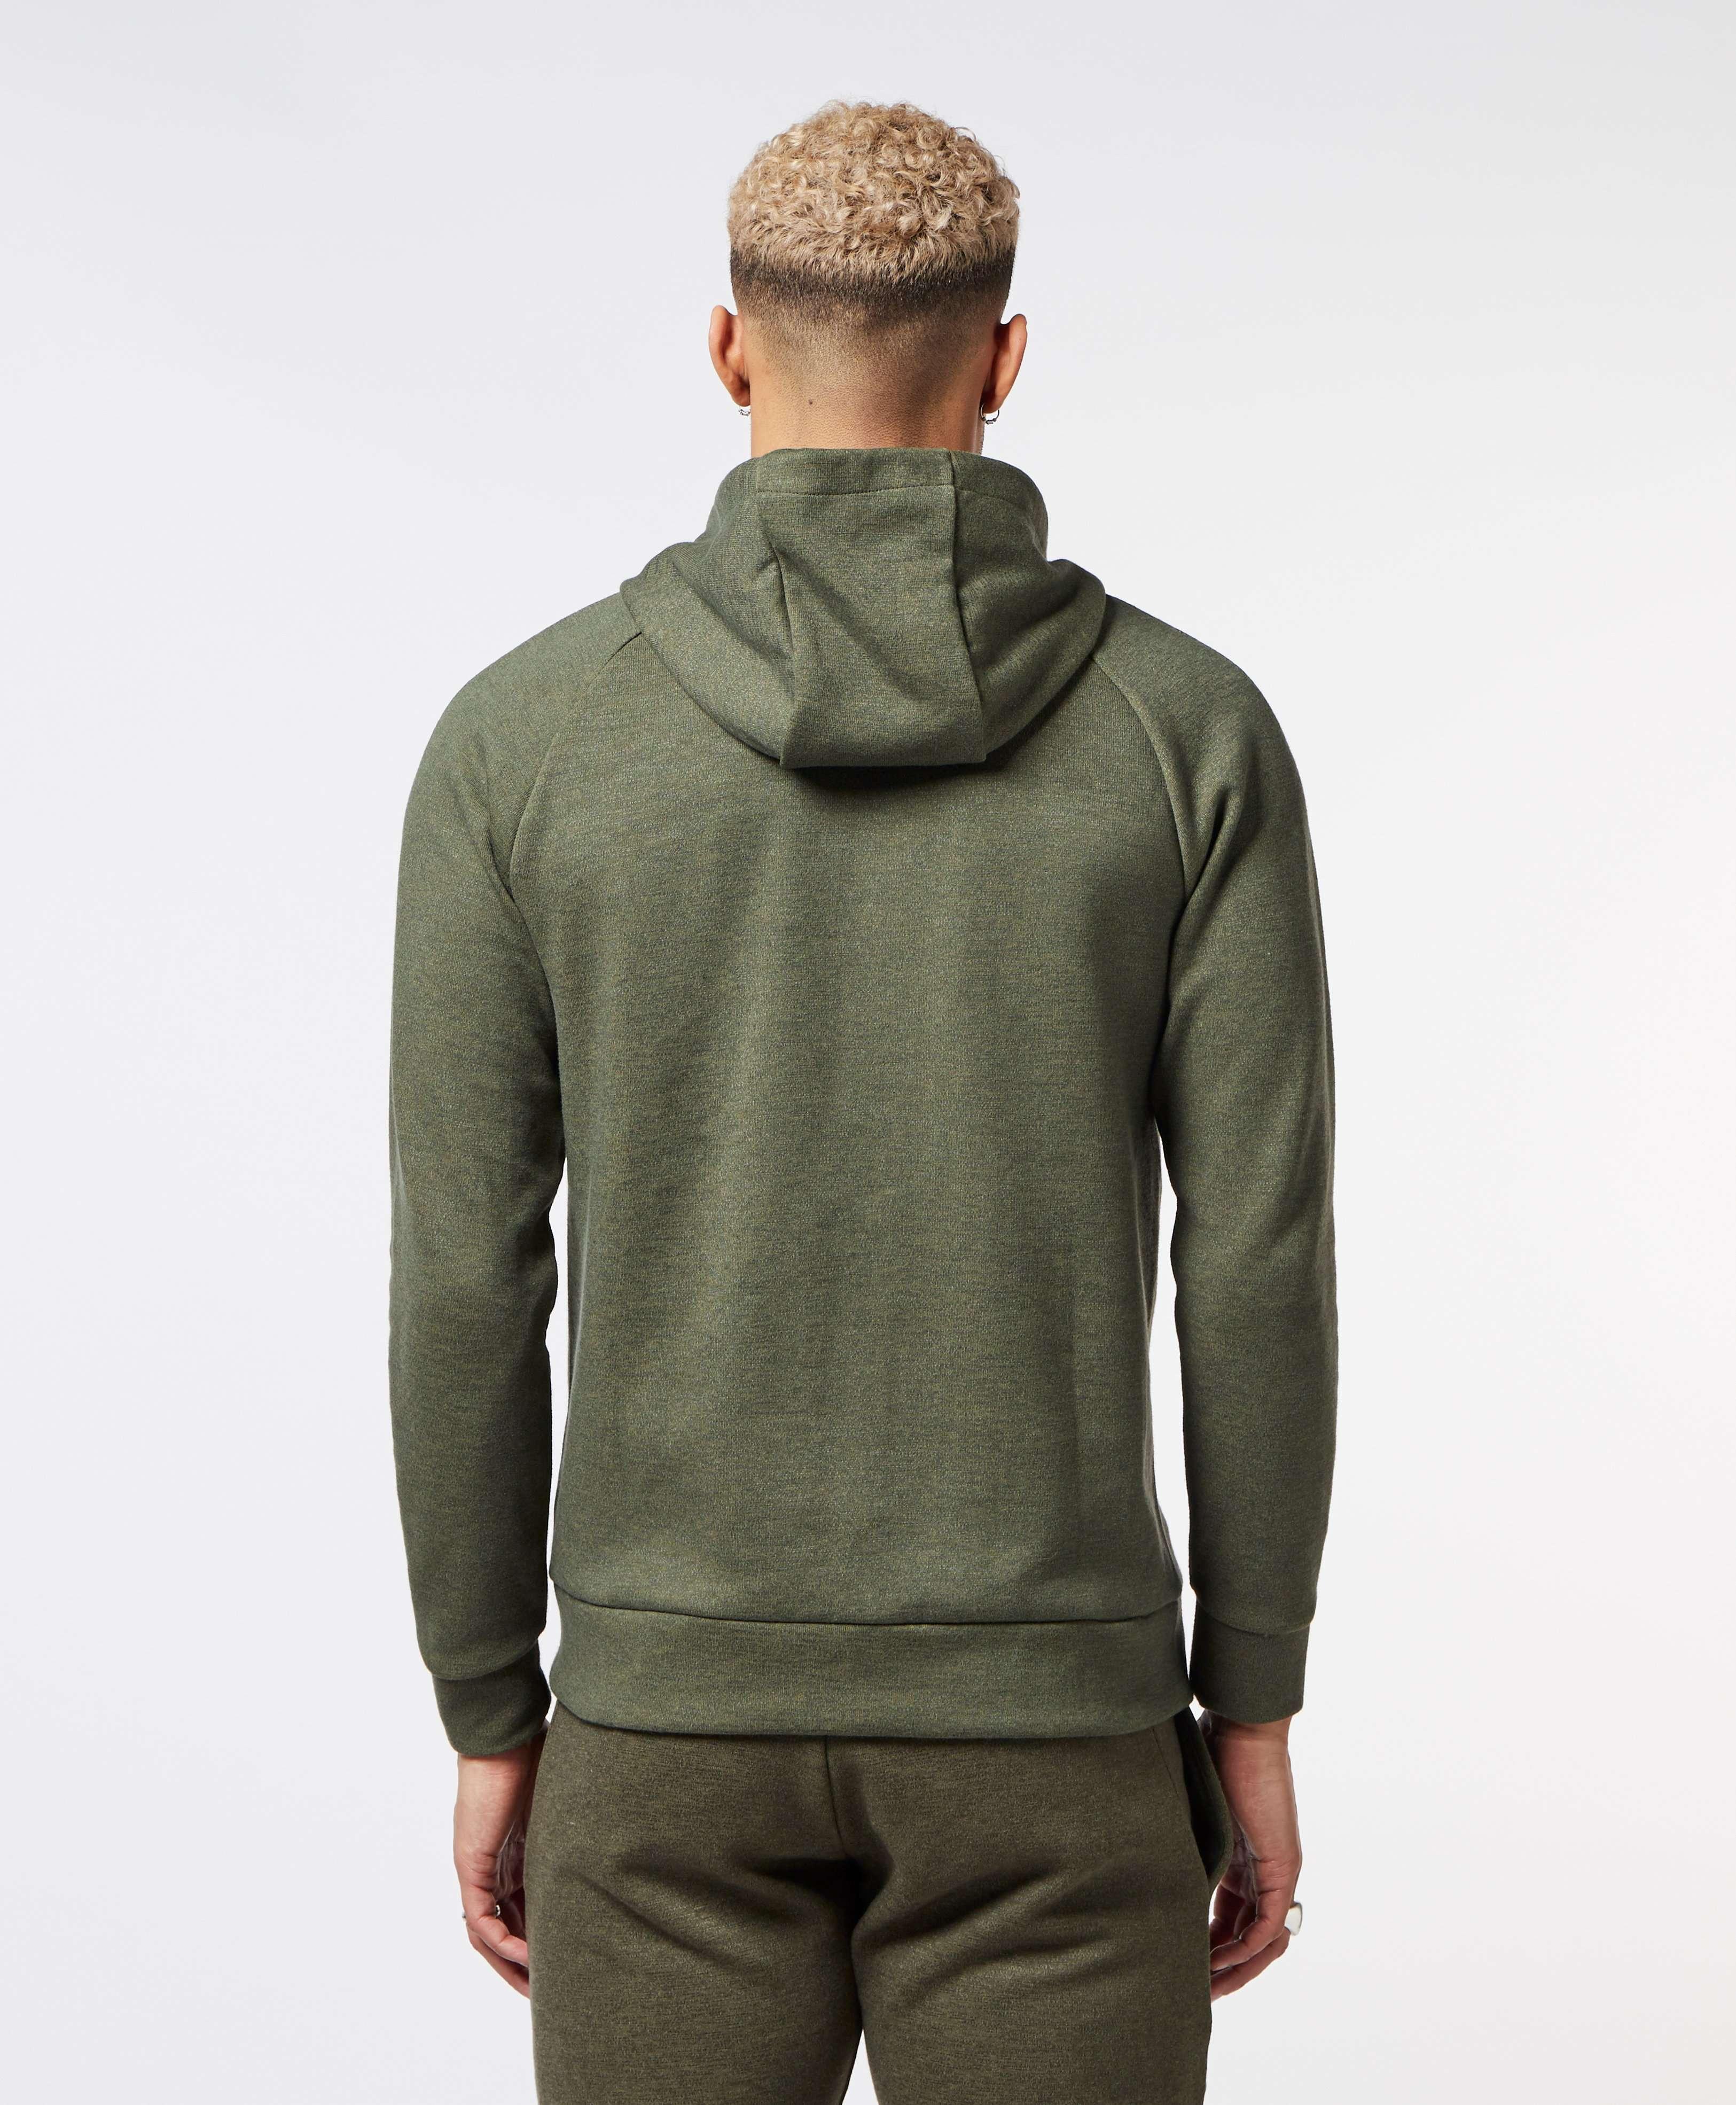 Nike Optic Full Zip Hoodie